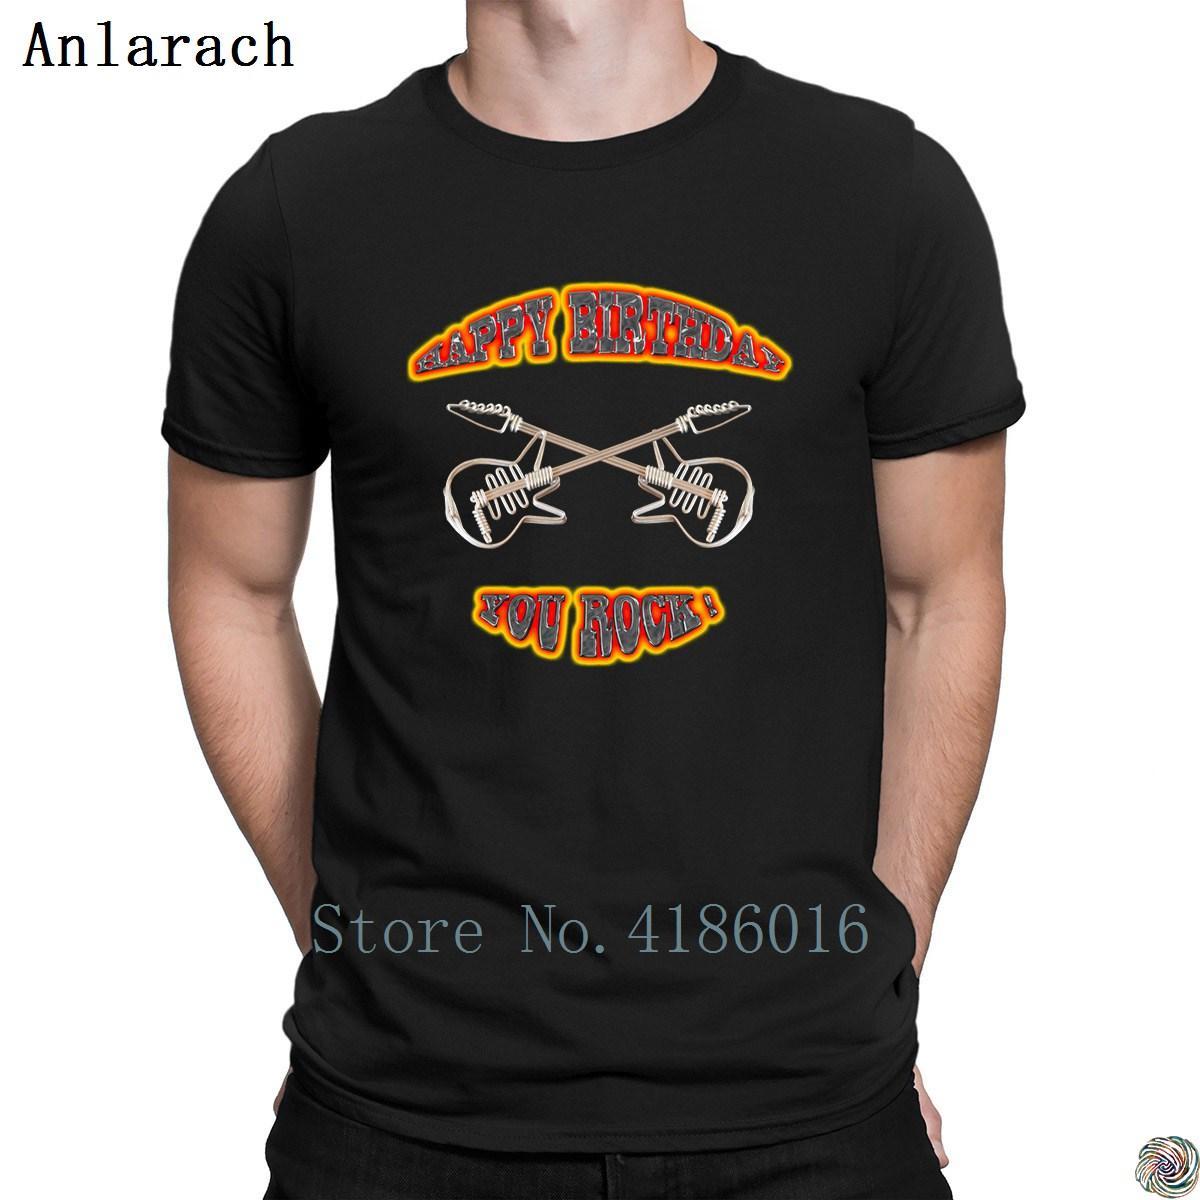 Acheter Joyeux Anniversaire Vous Rock T Shirt De Qualite Superieure